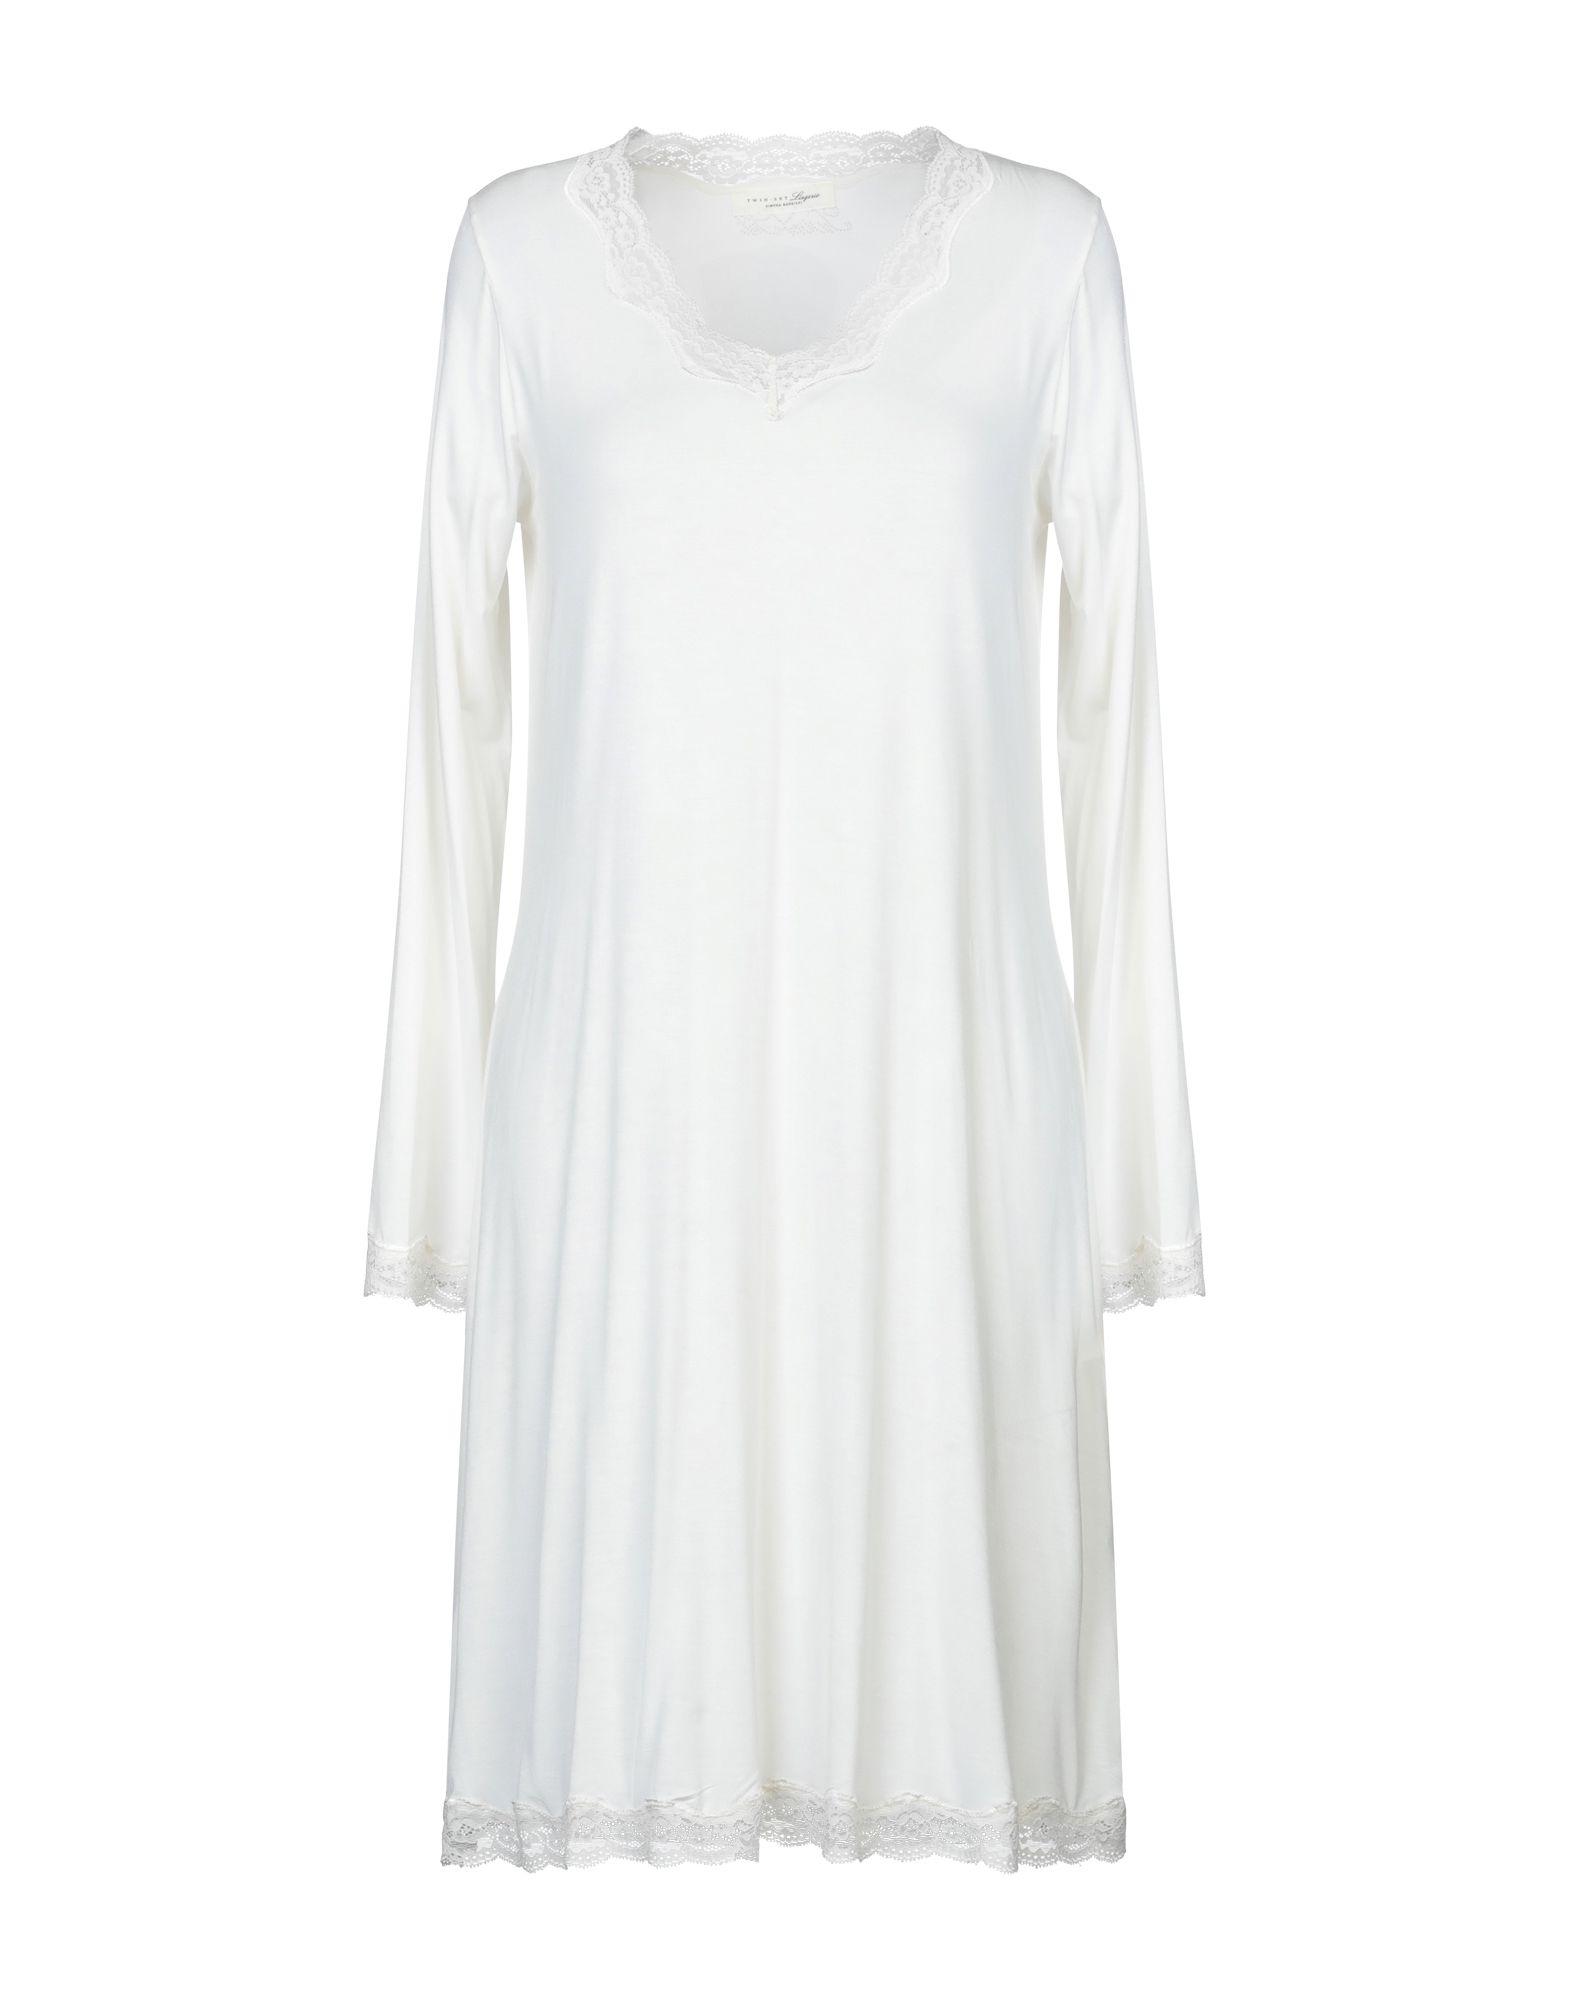 TWIN-SET LINGERIE Ночная рубашка black sexy v neck lace up design cut out lingerie set